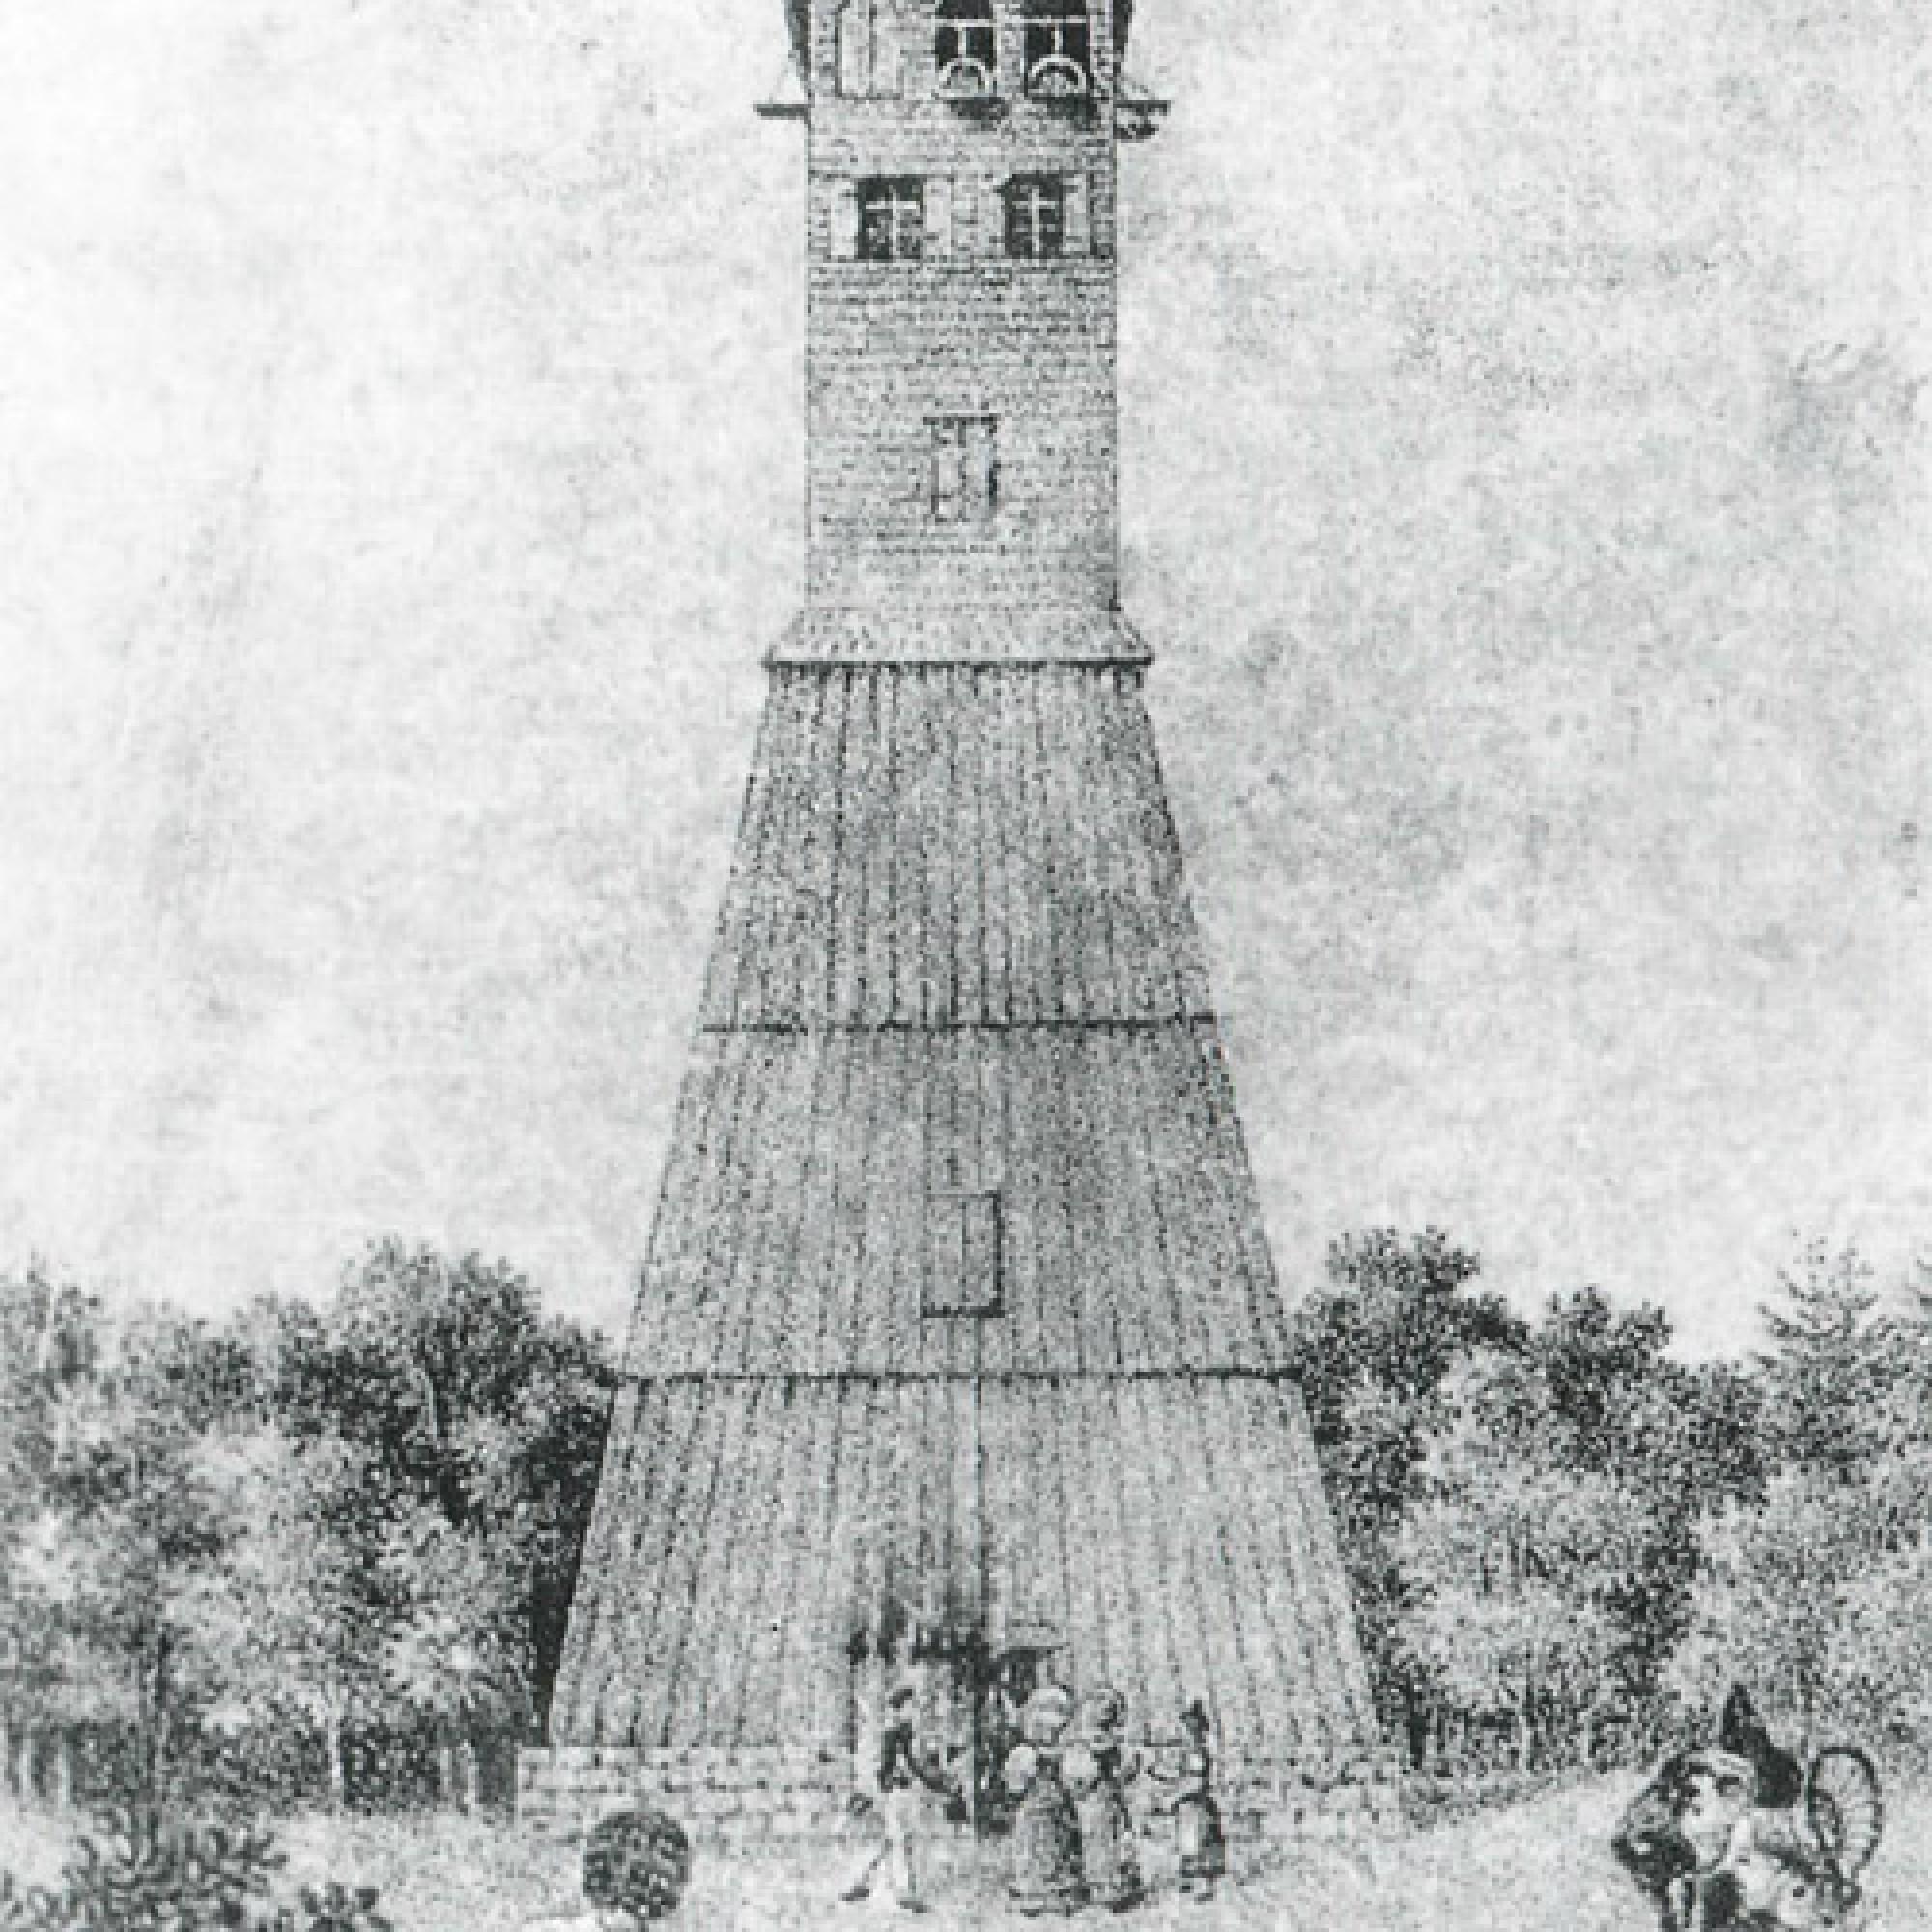 Der alte Napoleonturm aus dem Jahr 1829 wurde komplett aus Holz errichtet und musste bereits 1855 wegen Baufälligkeit abgerissen werden. (Bild: zvg)